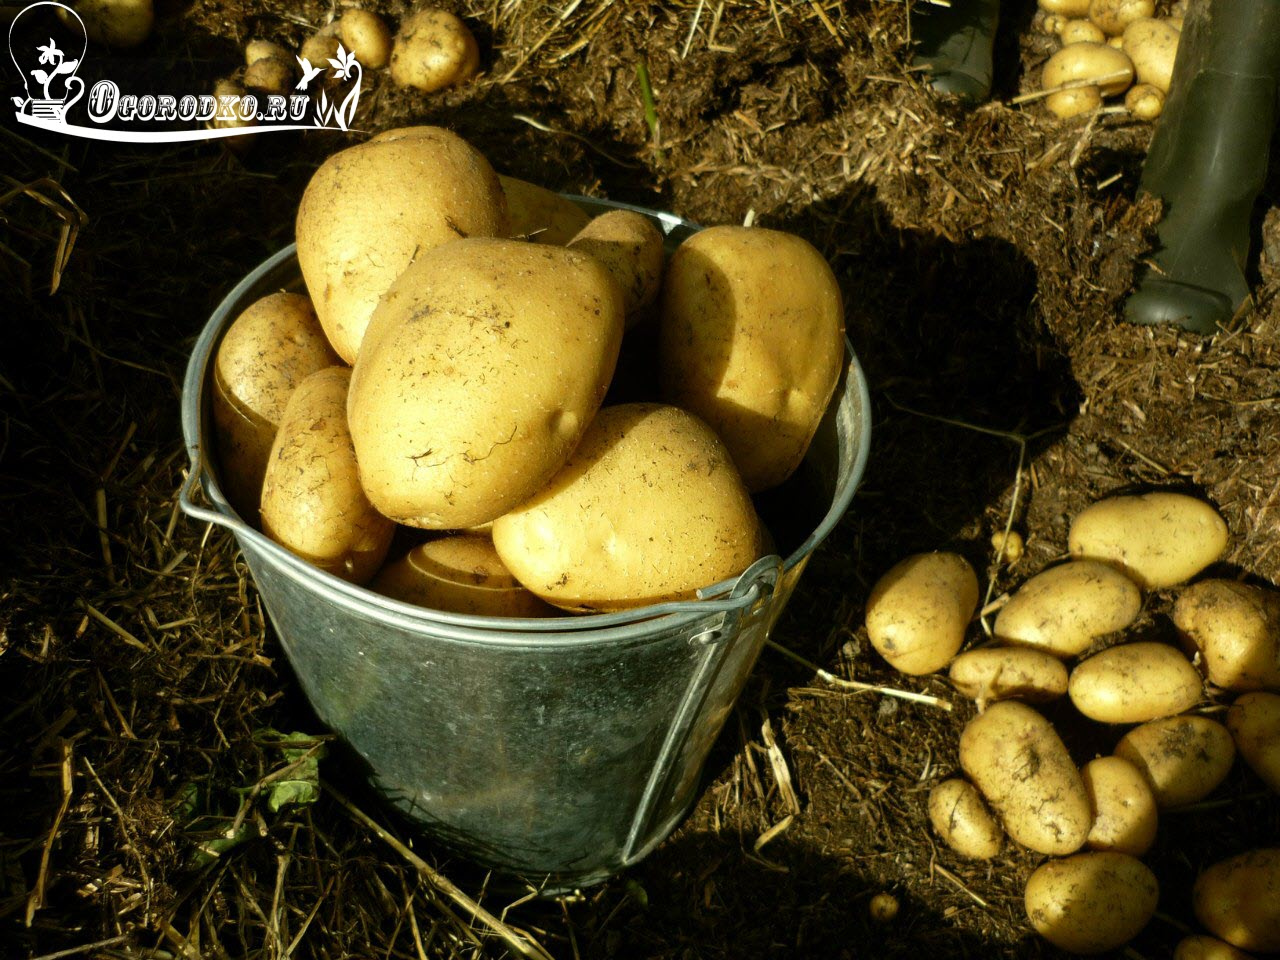 Как вырастить картофель под соломой - советы и секреты, как спасти от мышей, нужно ли поливать, а также секрет